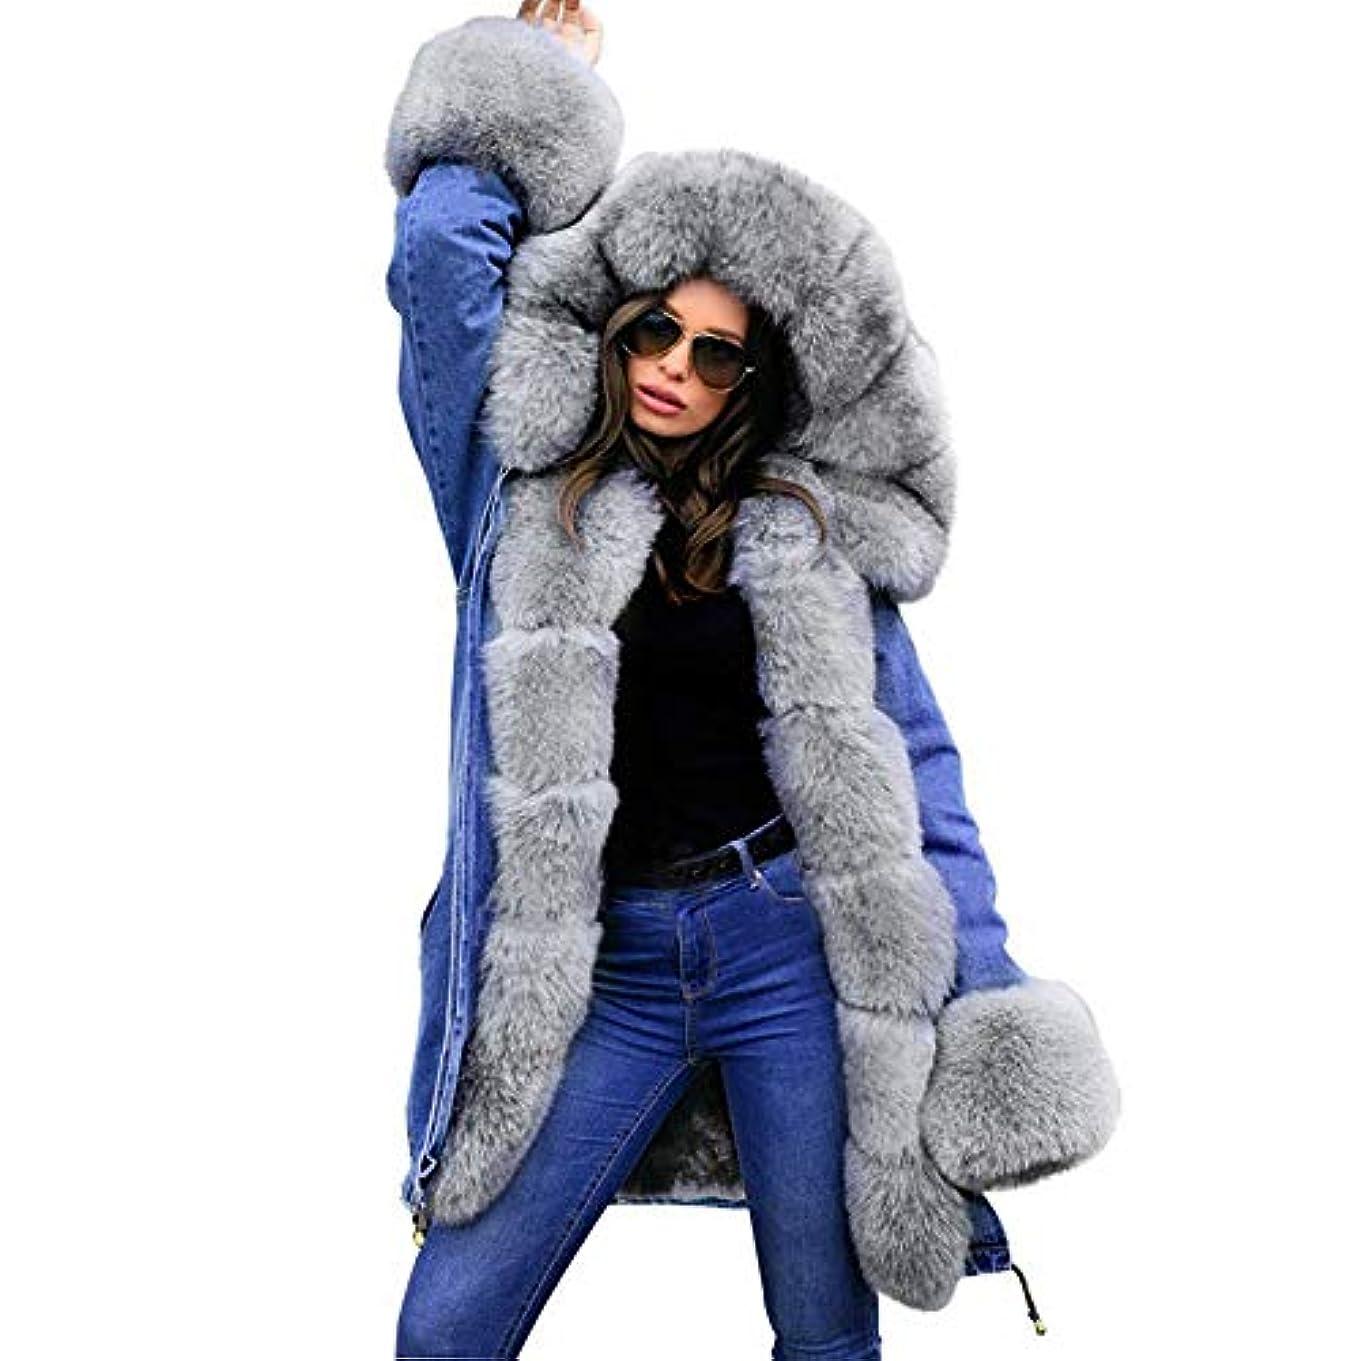 の中でリビングルームチョップ冬の女性のフード付きコートの毛皮の襟暖かいロングコートの女性の冬のジャケット女性のアウター,L